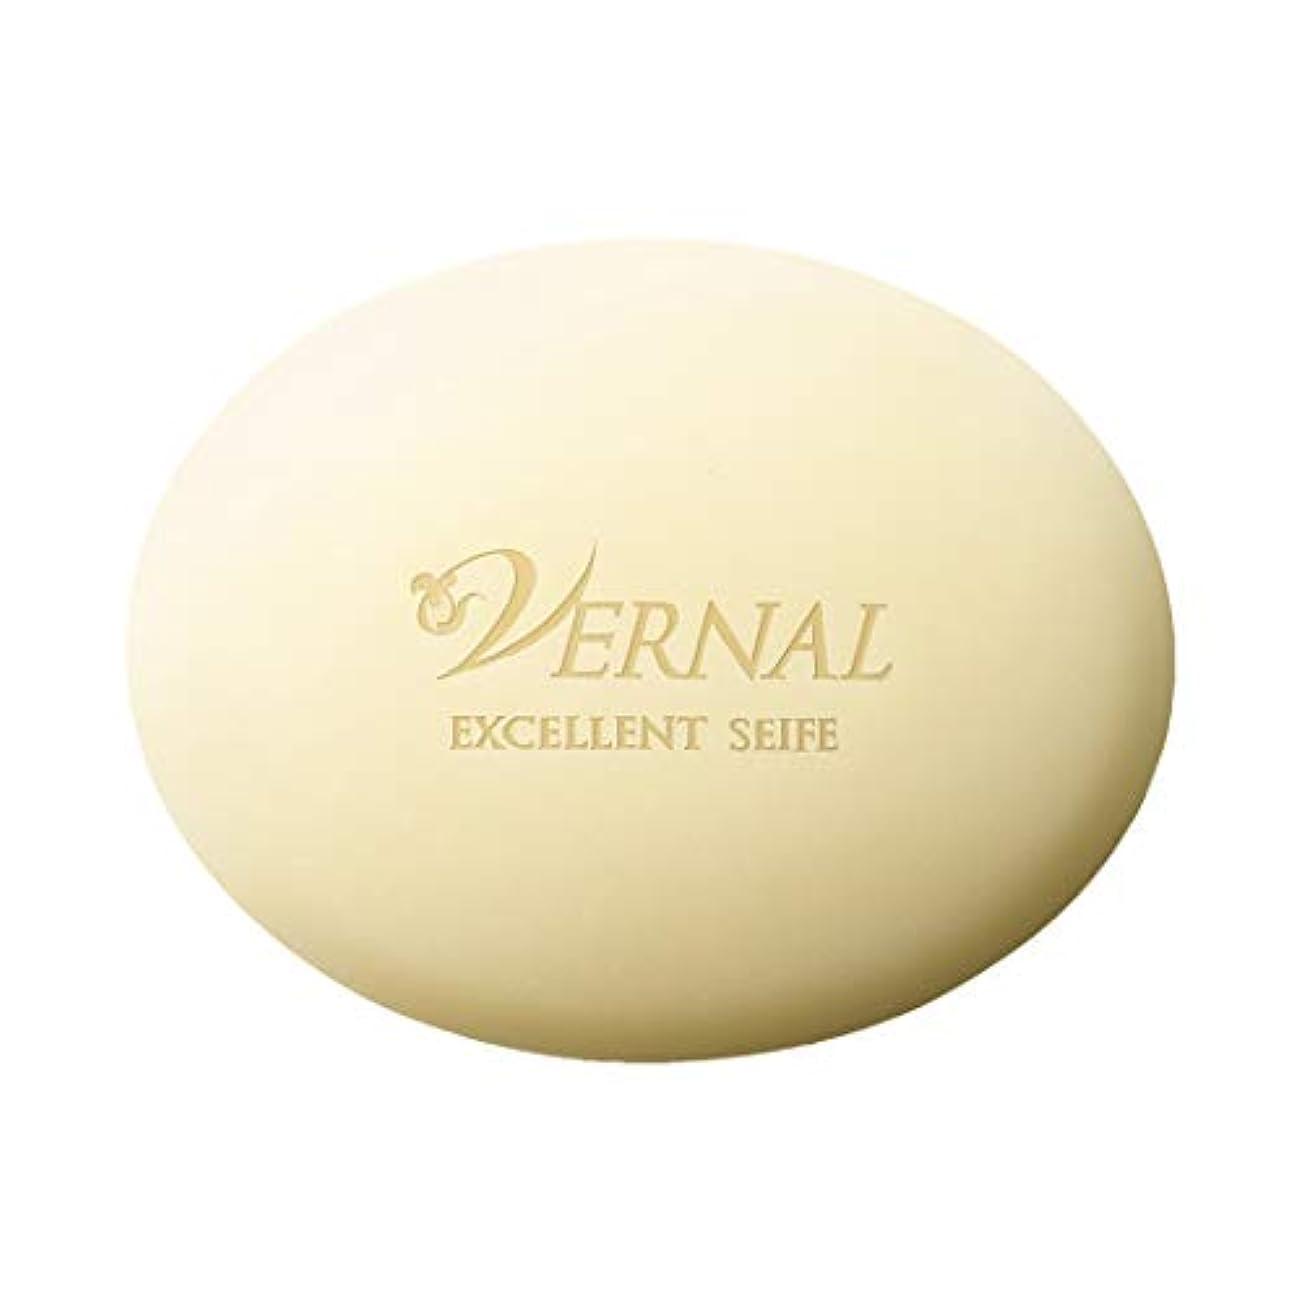 白菜癒すインタラクションエクセレントザイフ110g/ヴァーナル 洗顔石鹸 仕上げ洗顔